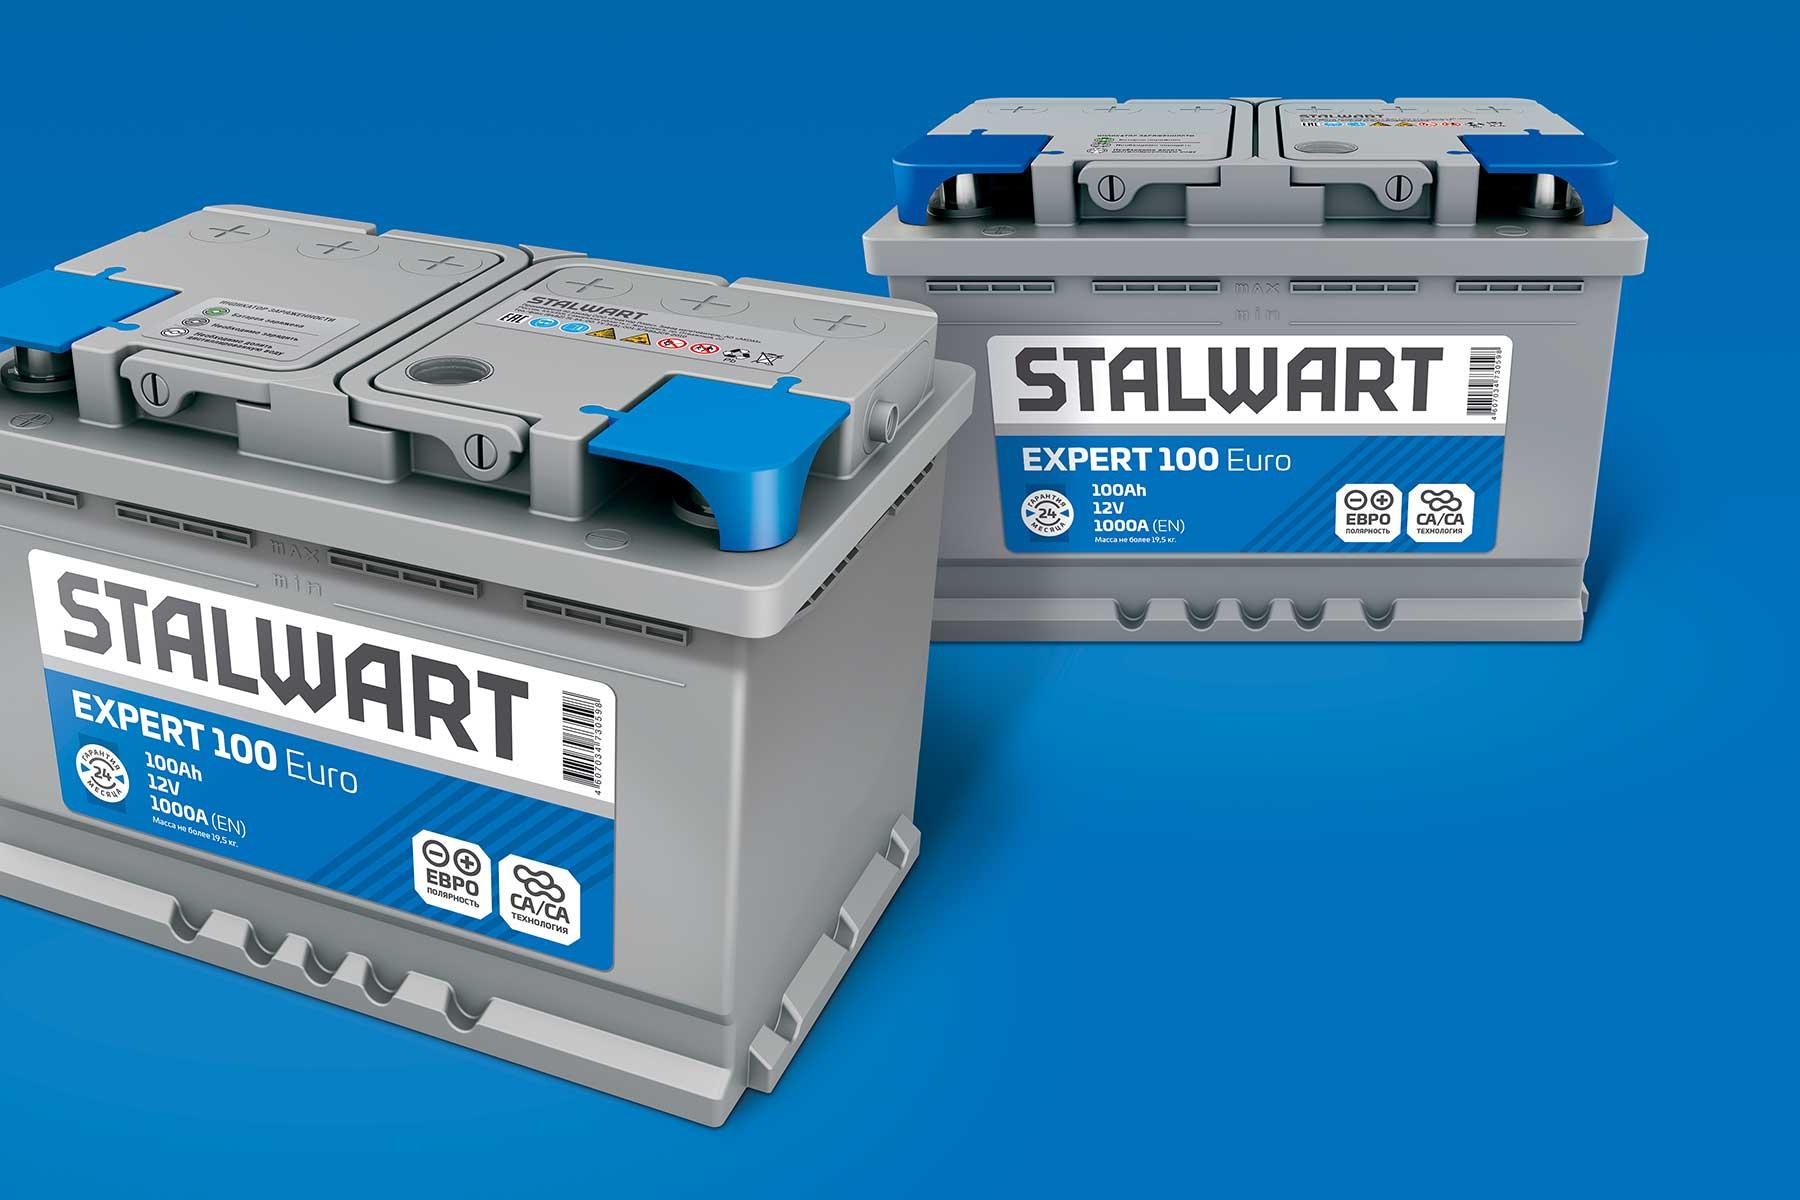 Stalwart-3-Expert-Front+Top.jpg